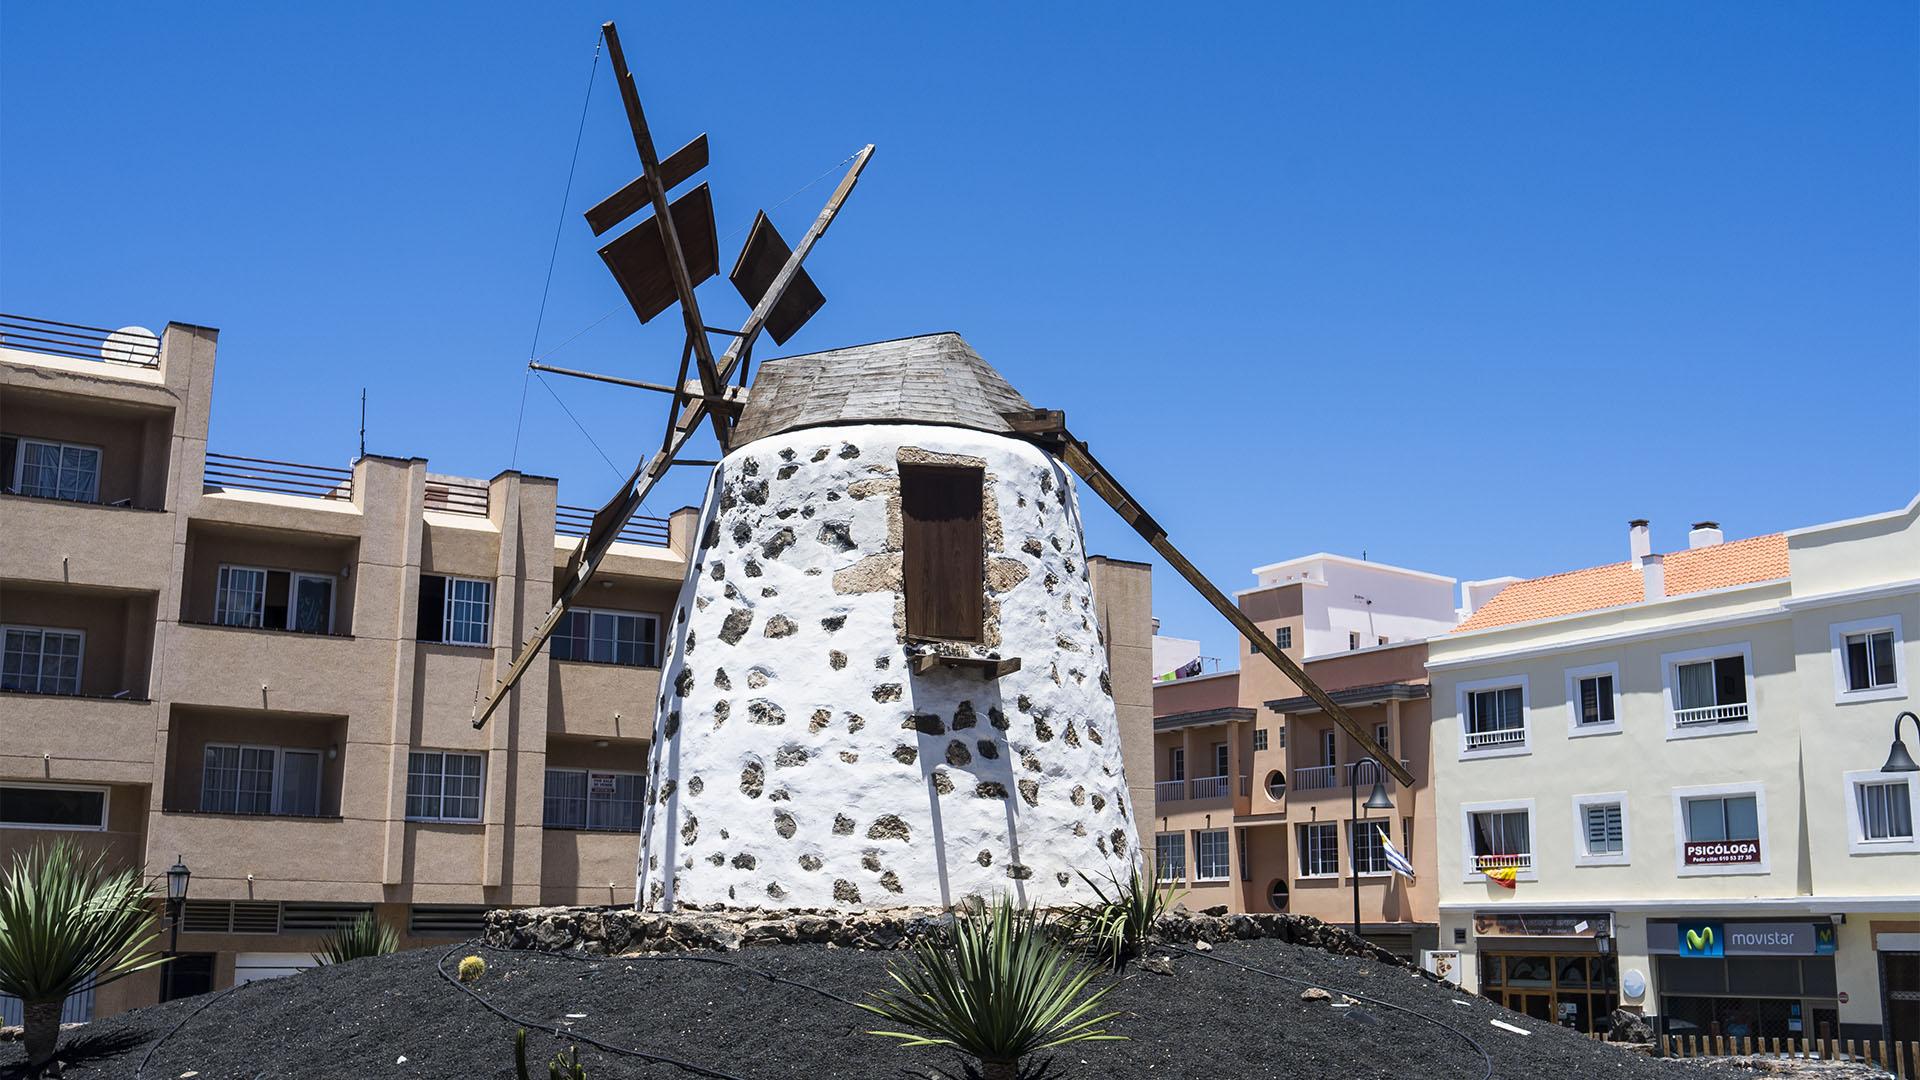 Die Windmühlen von Corralejo Fuerteventura: Molino Domingo Estévez Rosdríguez